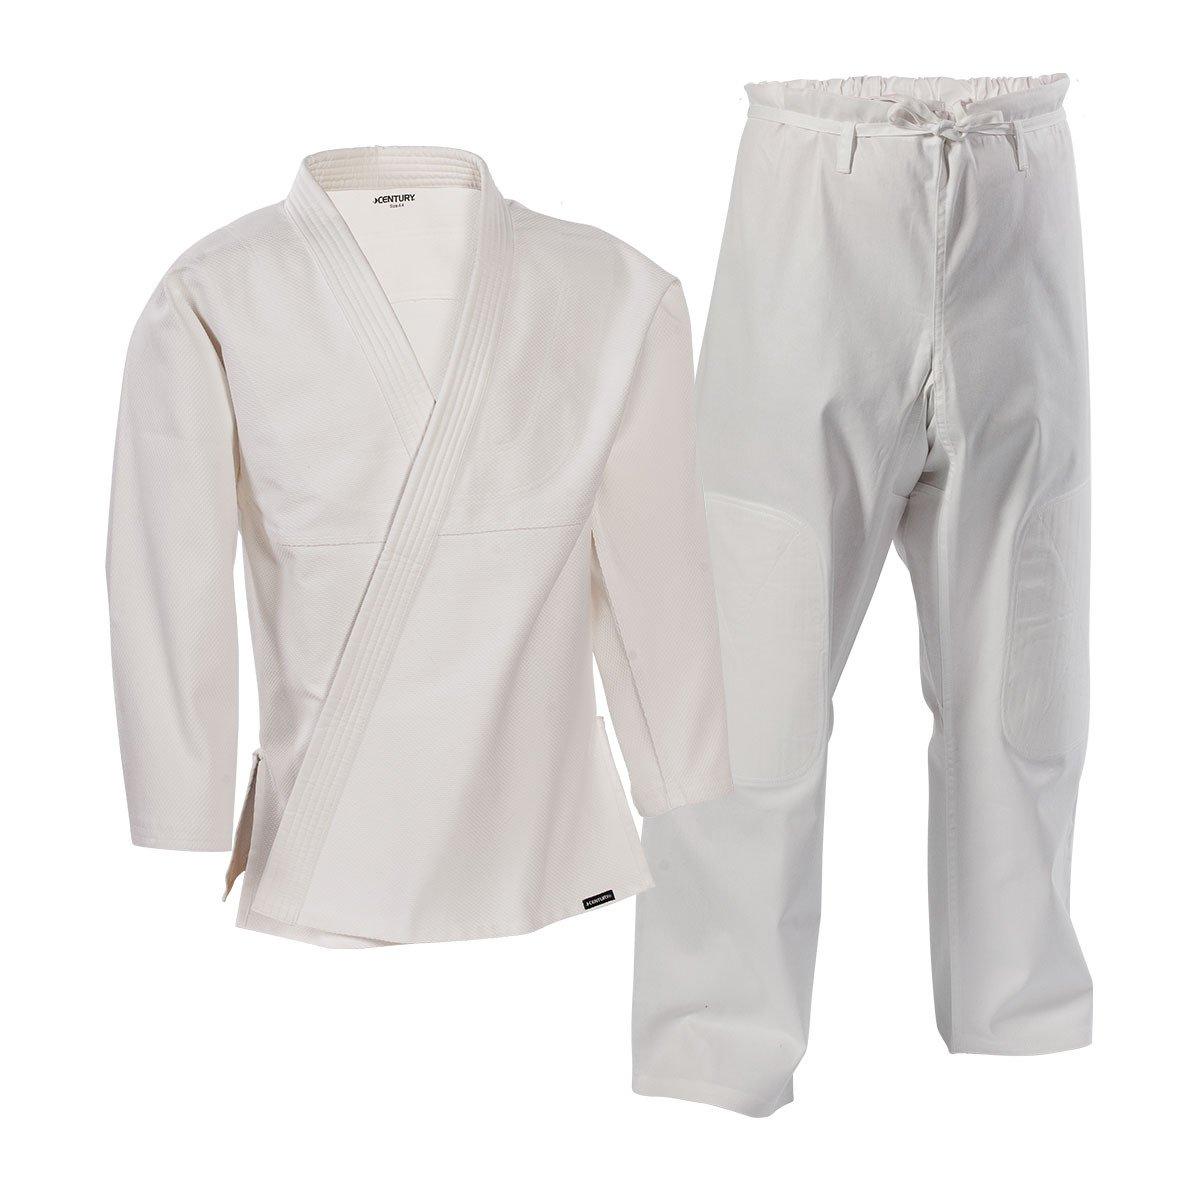 Century® Brazilian Fit Student Jujitsu Gi